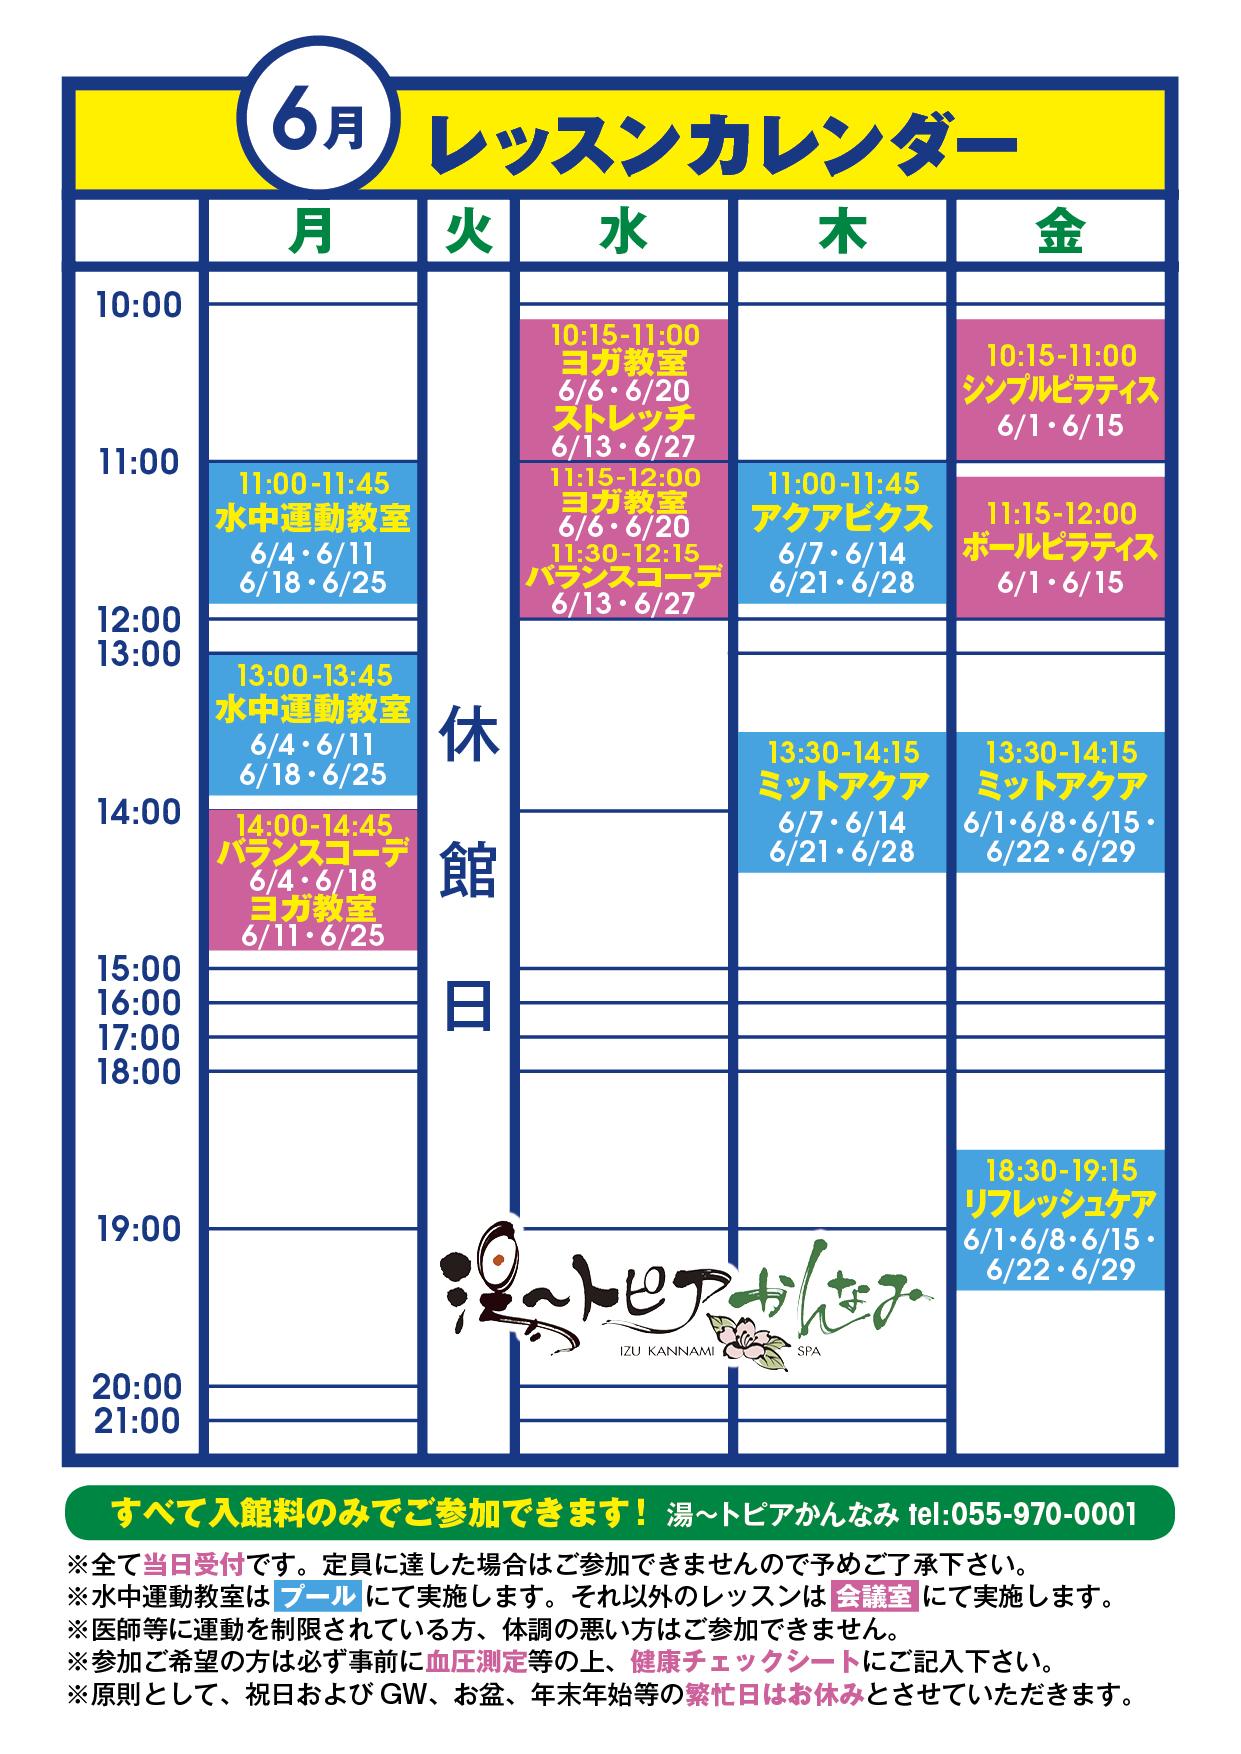 6月 レッスンカレンダー